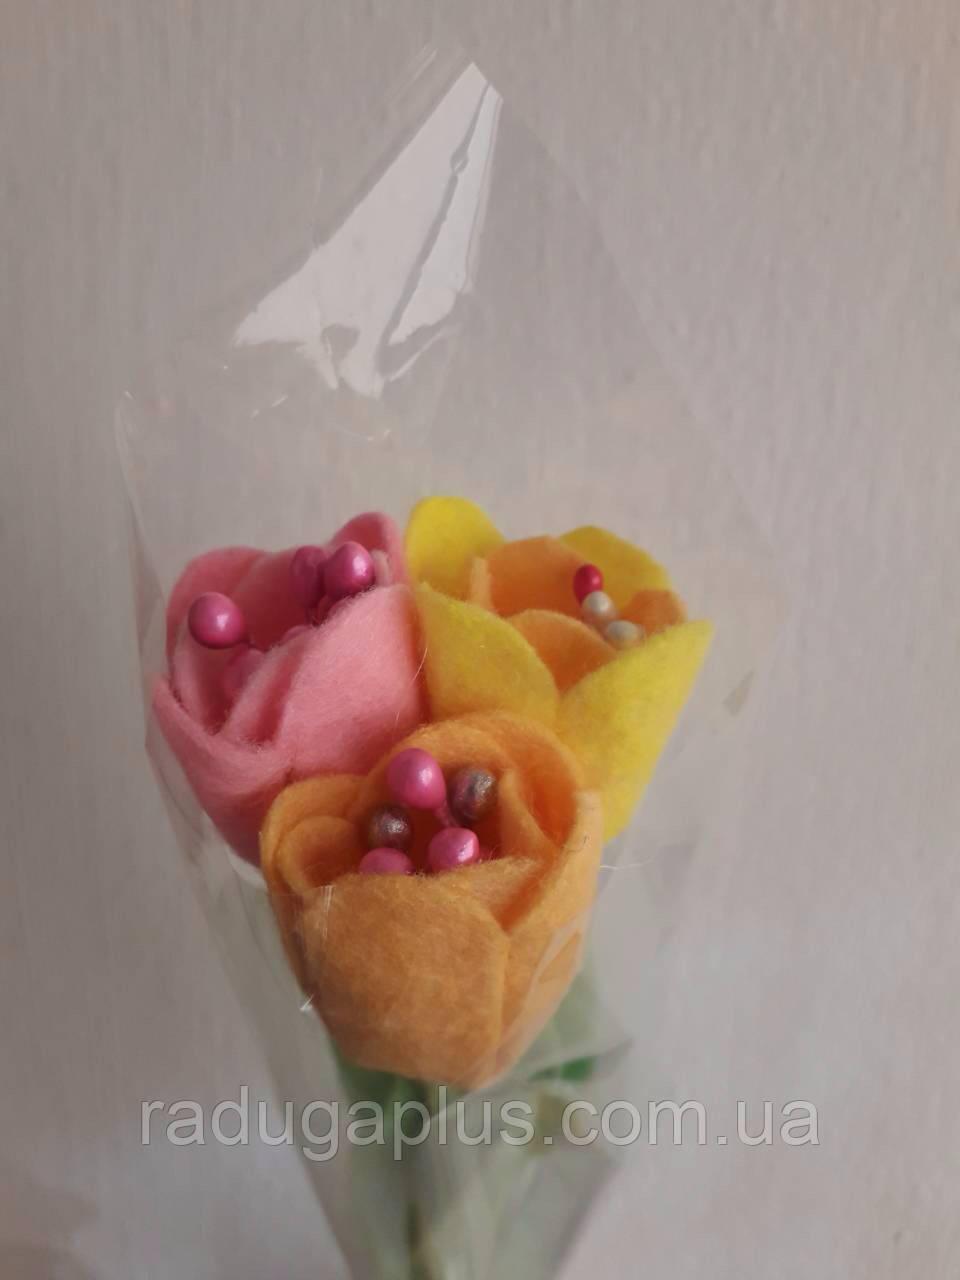 Тюльпаны к 8-му марта Букет из трех тюльпанов. - РАДУГА в Киеве